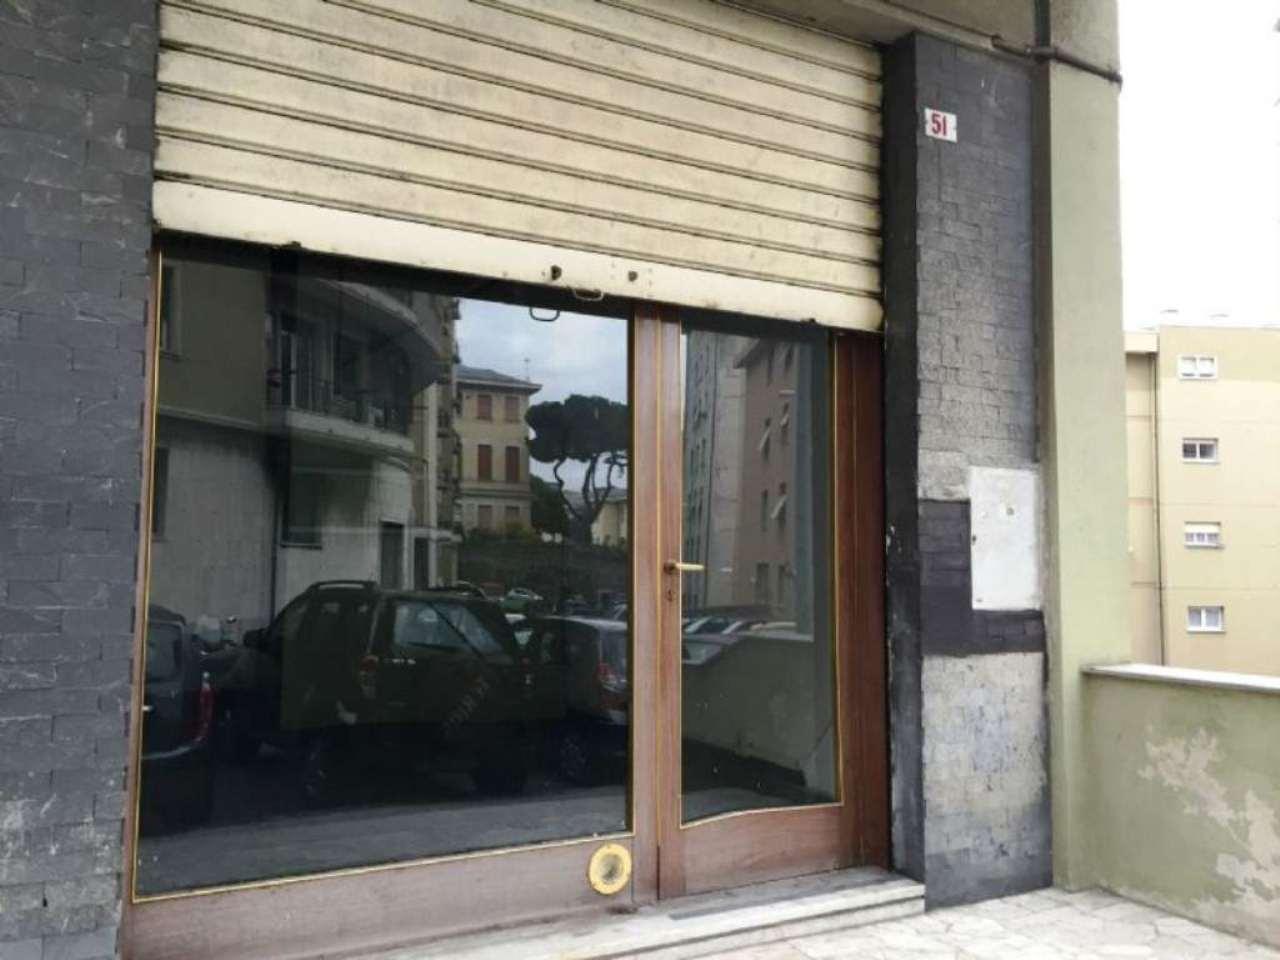 Negozio / Locale in vendita a Genova, 1 locali, zona Zona: 8 . Sampierdarena, Certosa-Rivarolo, Centro Ovest, S.Teodoro, prezzo € 42.000 | Cambio Casa.it